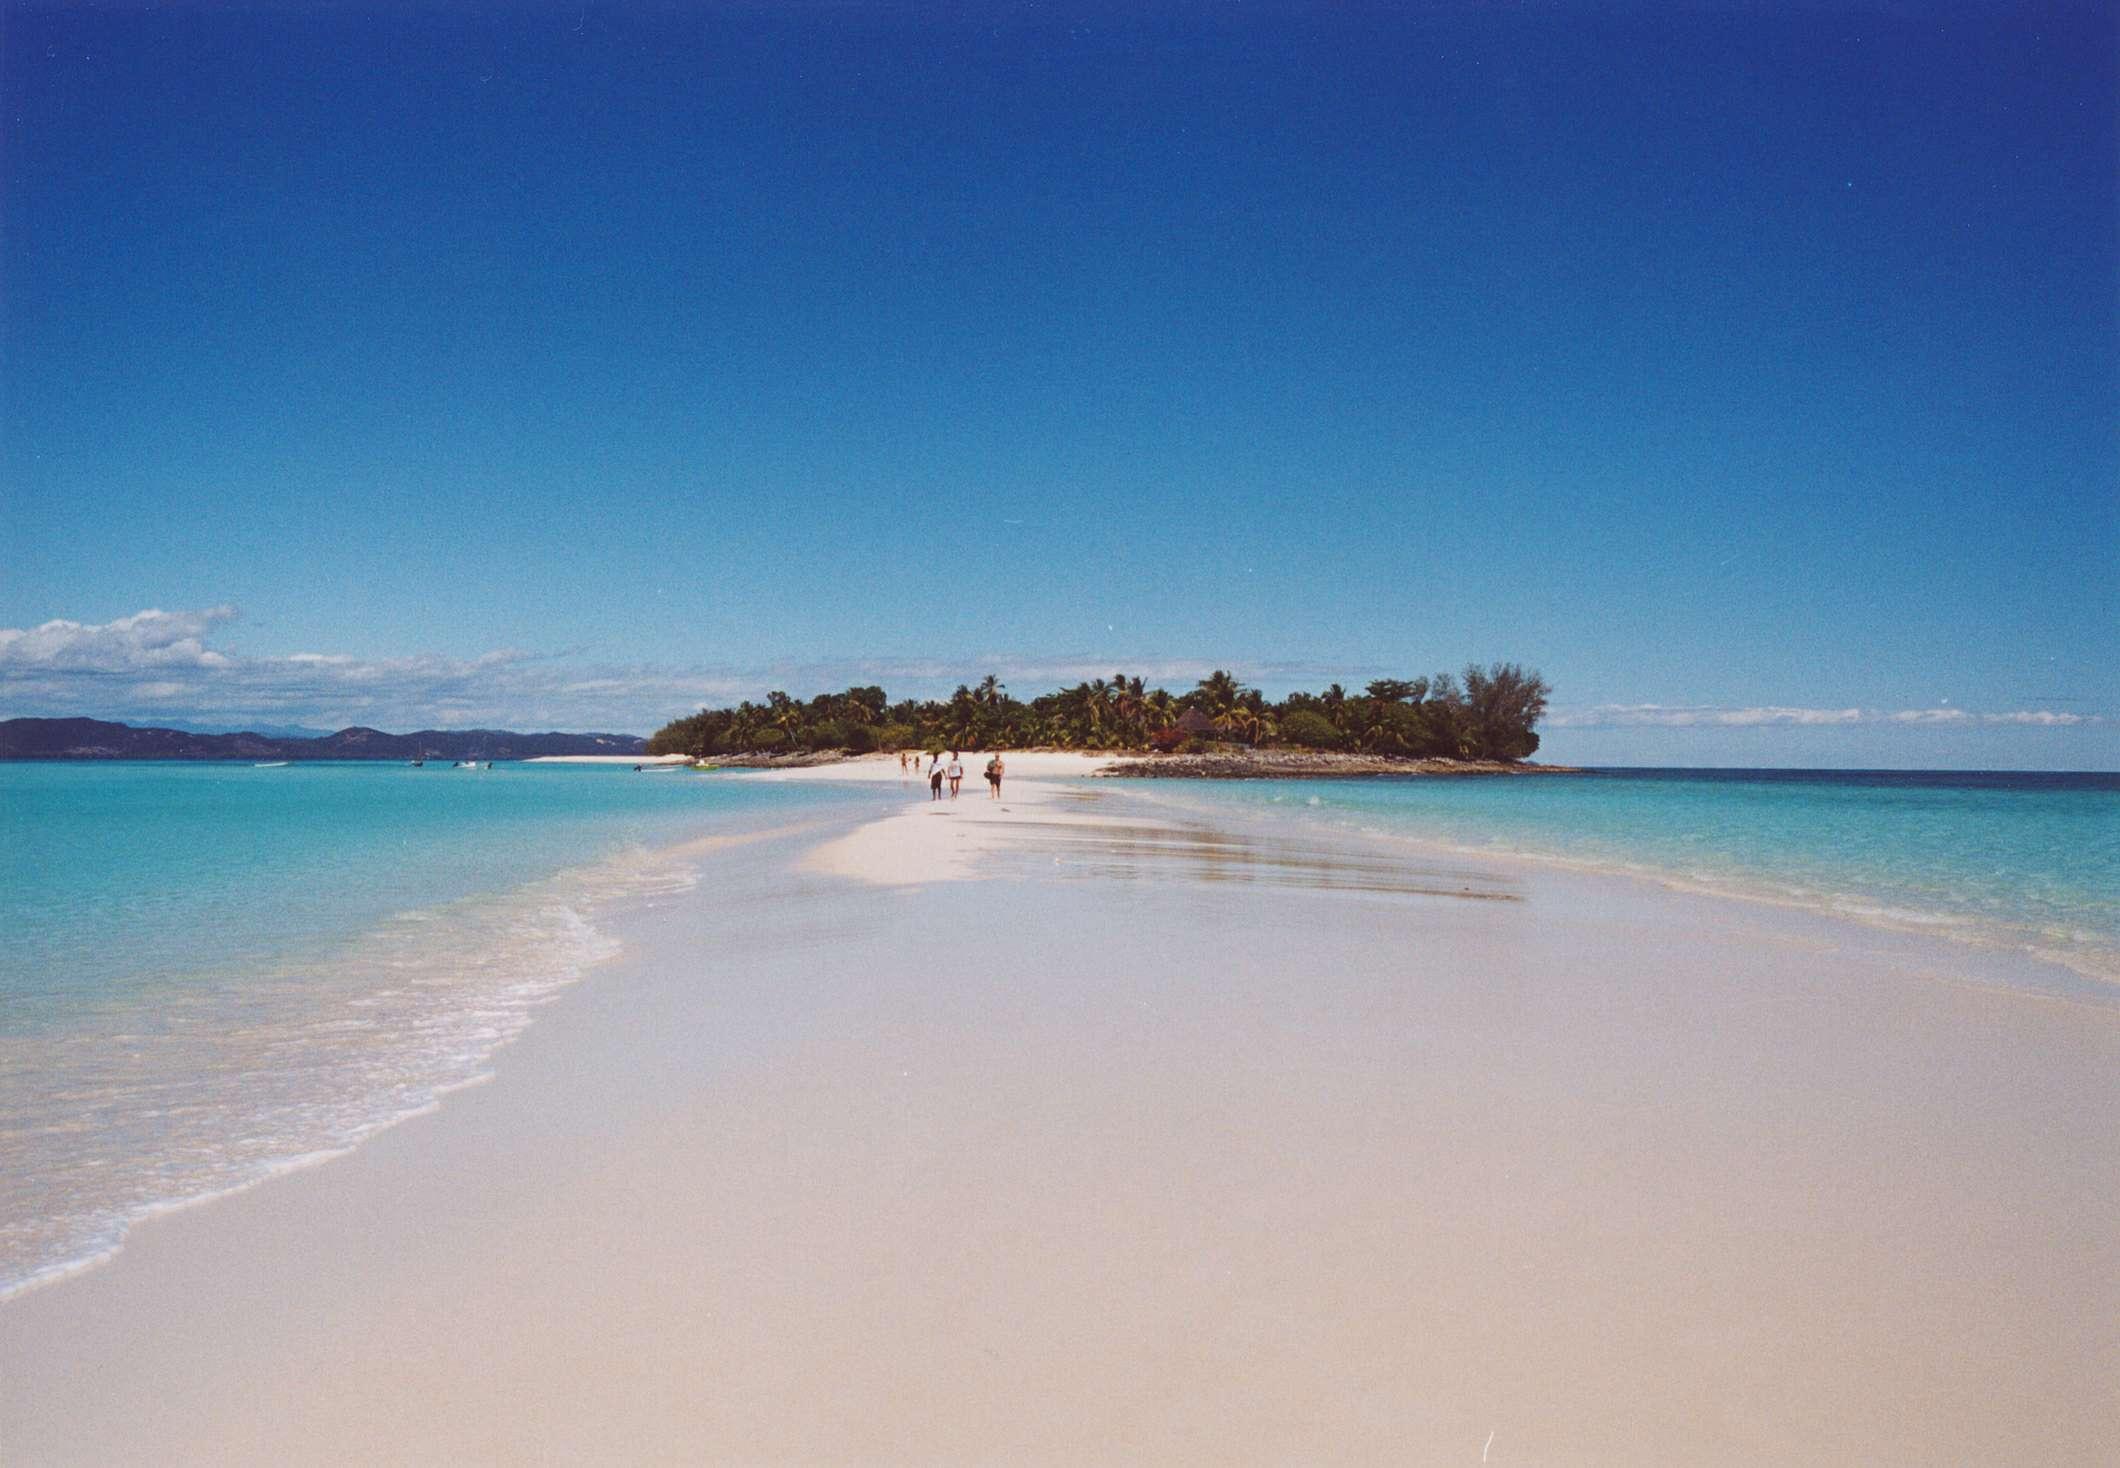 Nosy iranja beach Madagascar Travel Guide